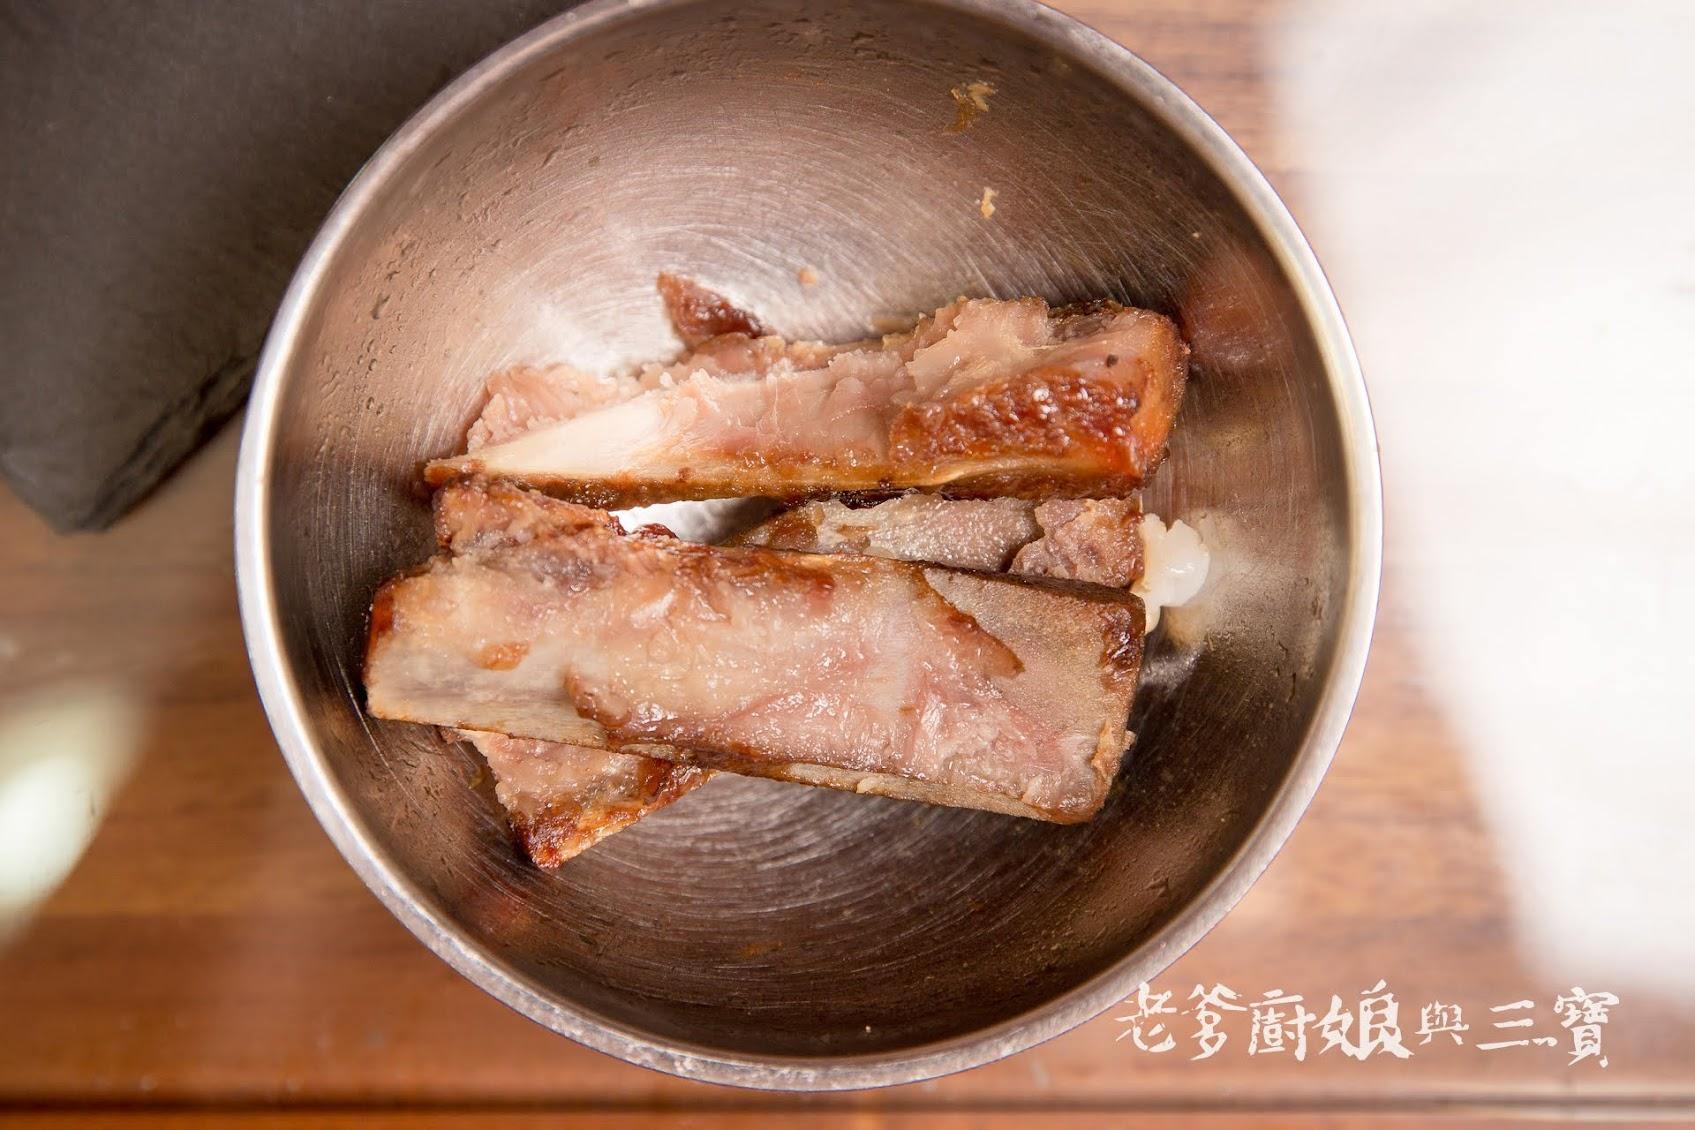 趁著哥哥睡著了,我們來大快朵頤吧!...宏品食鮮|梅花烤排+鹹豬肉